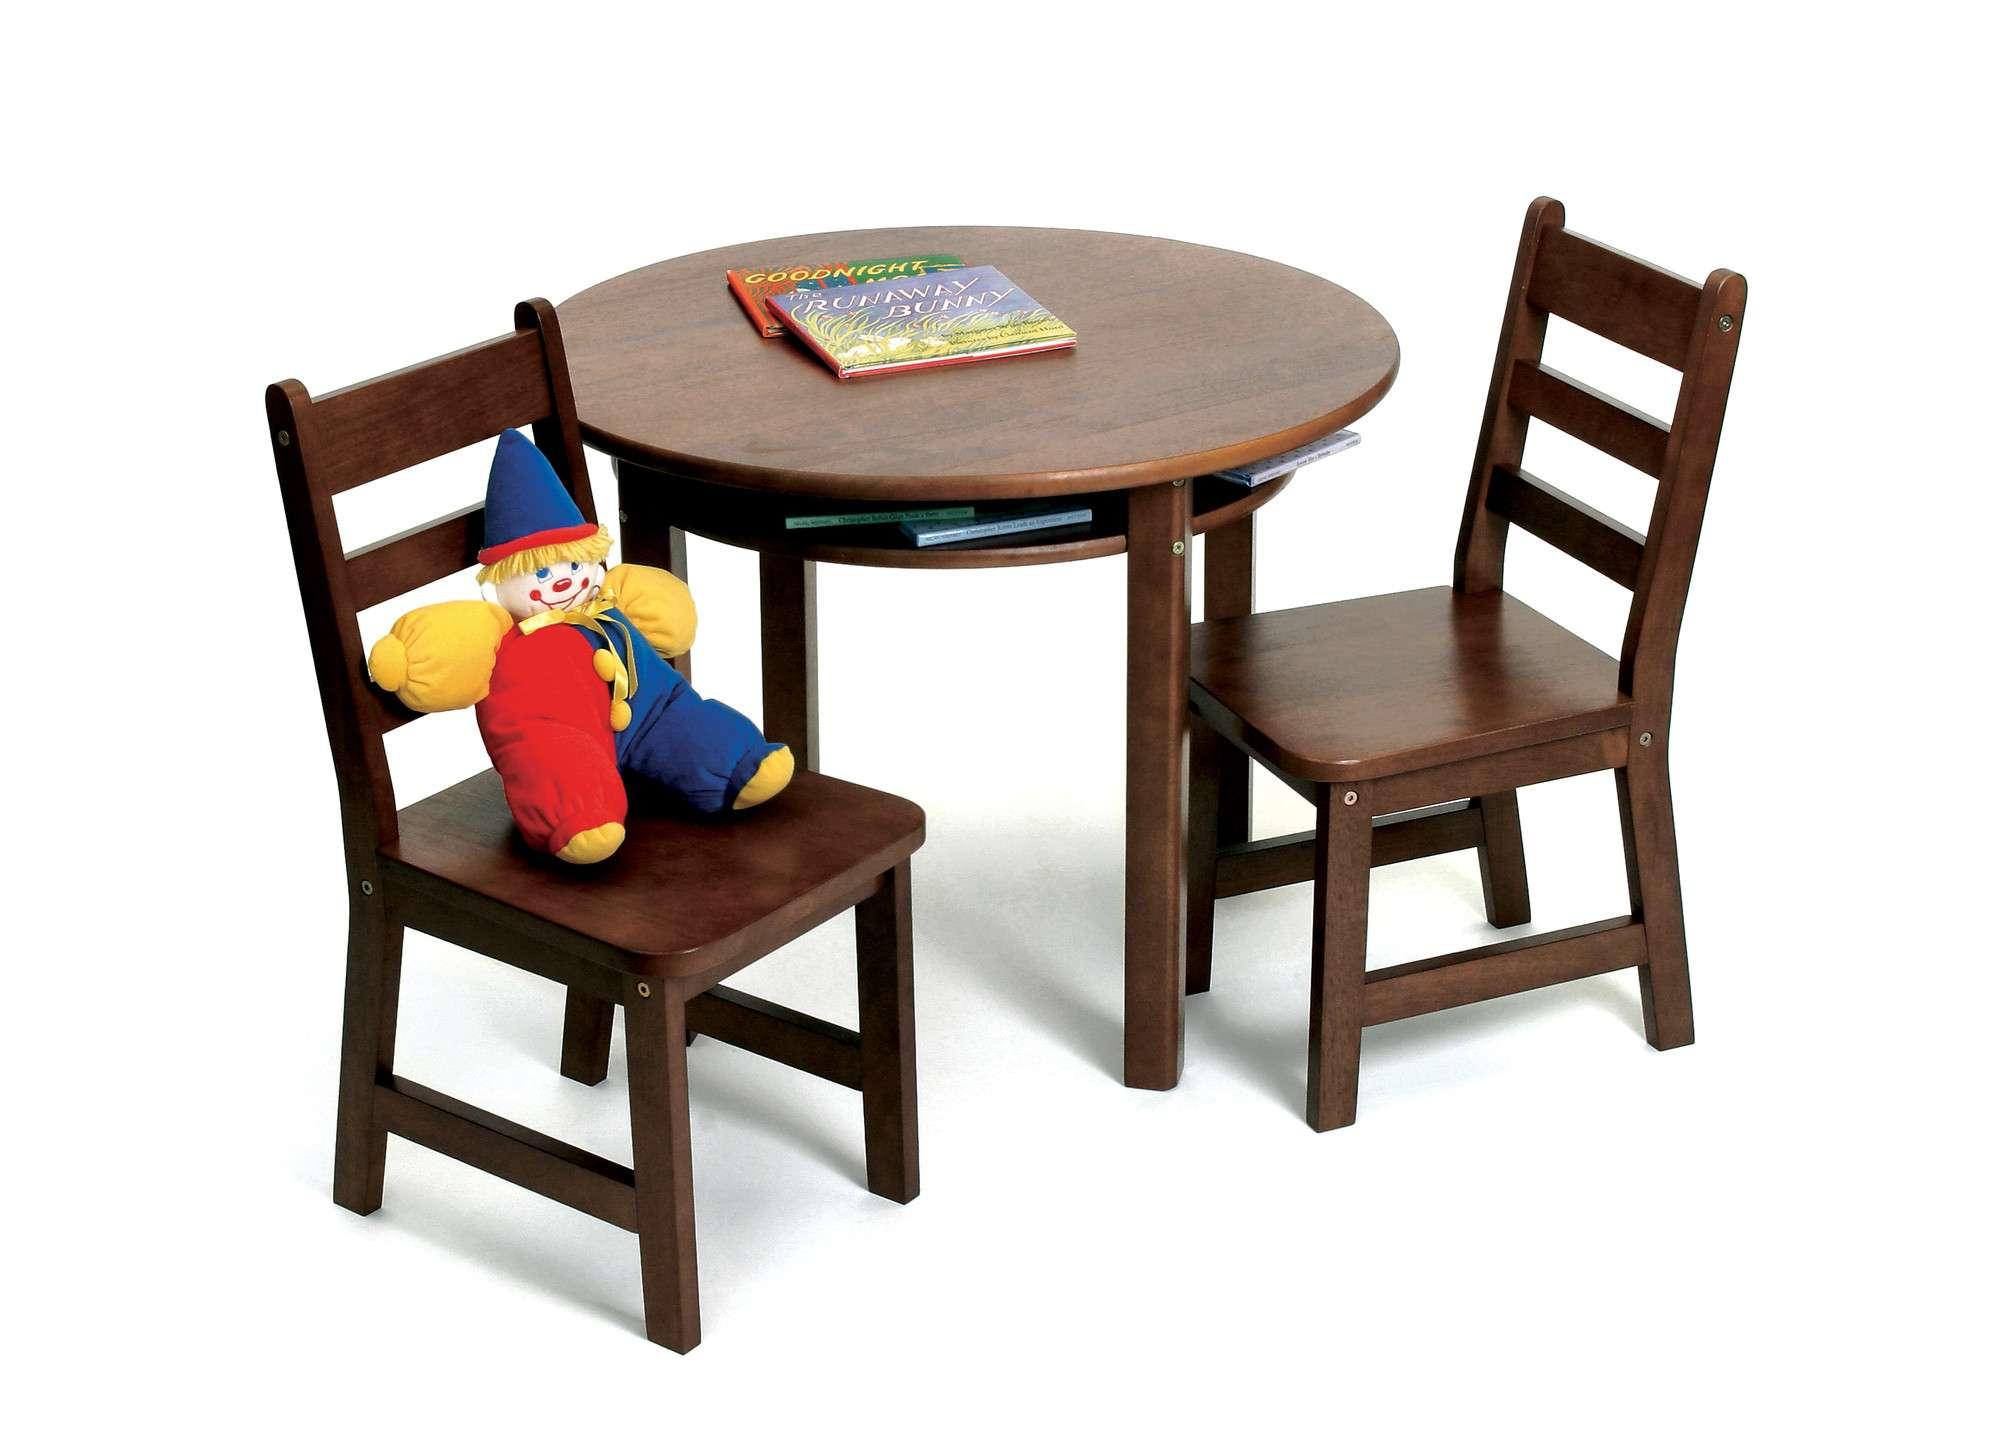 Mesa infantil color nuez 2 sillas estudio deluxe vv4 - Mesa estudio infantil ...